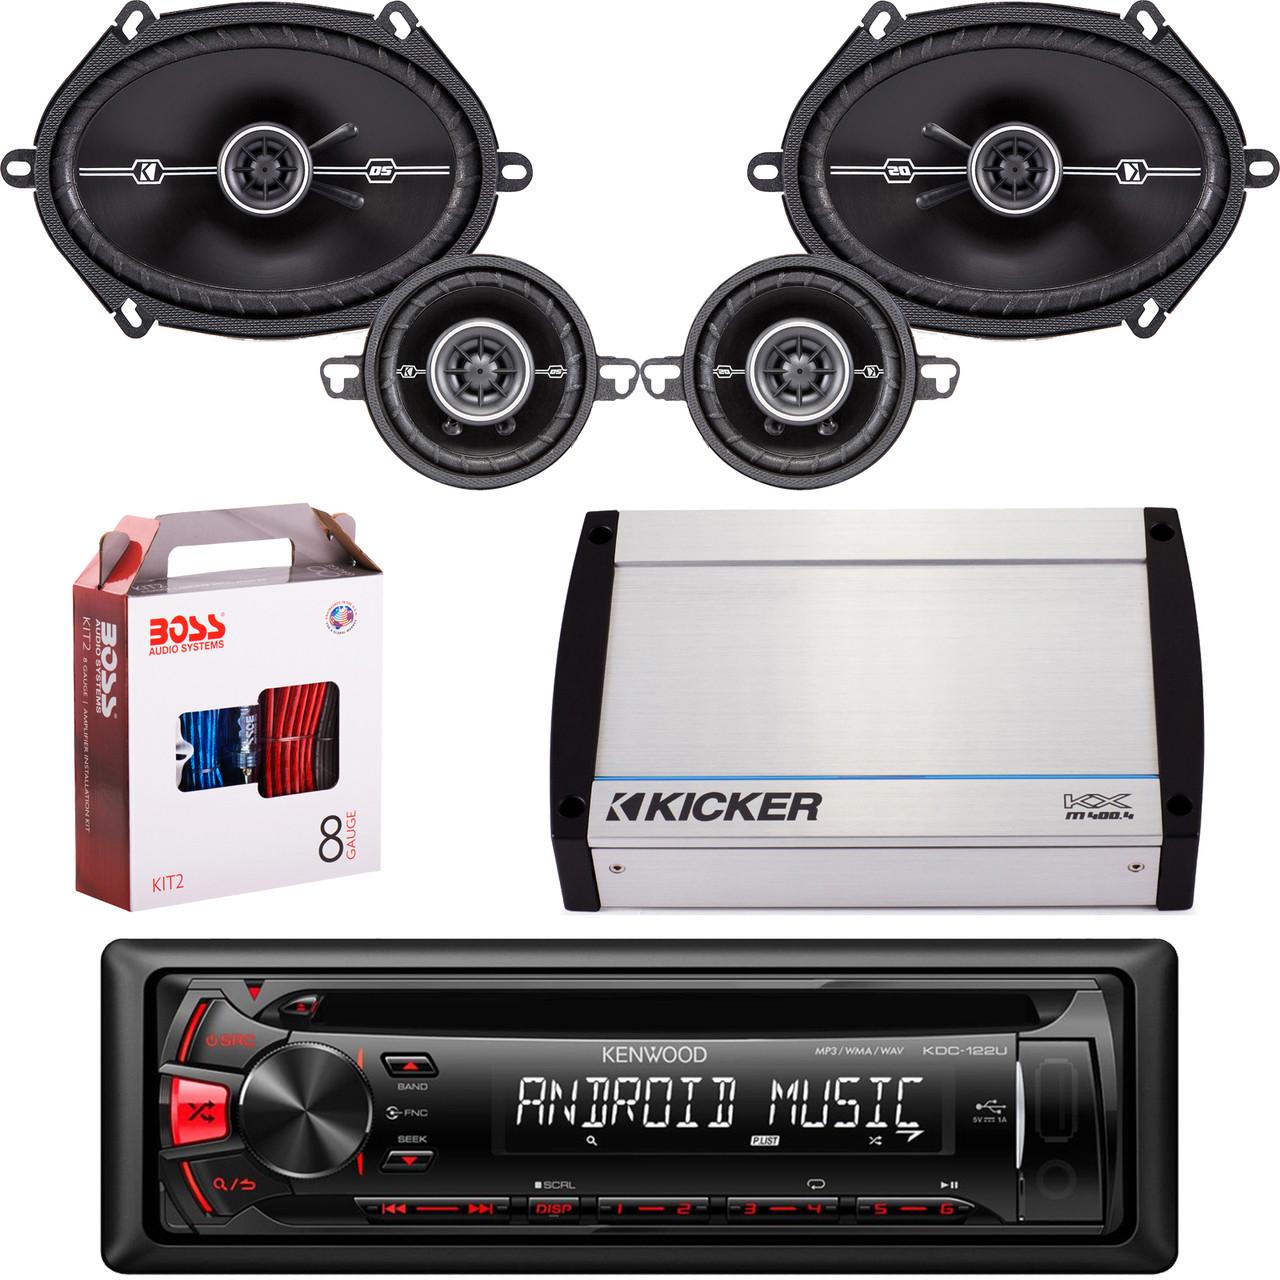 Kicker Marine Speaker 6 Inch Besides 2 1 Speaker System Besides Wiring